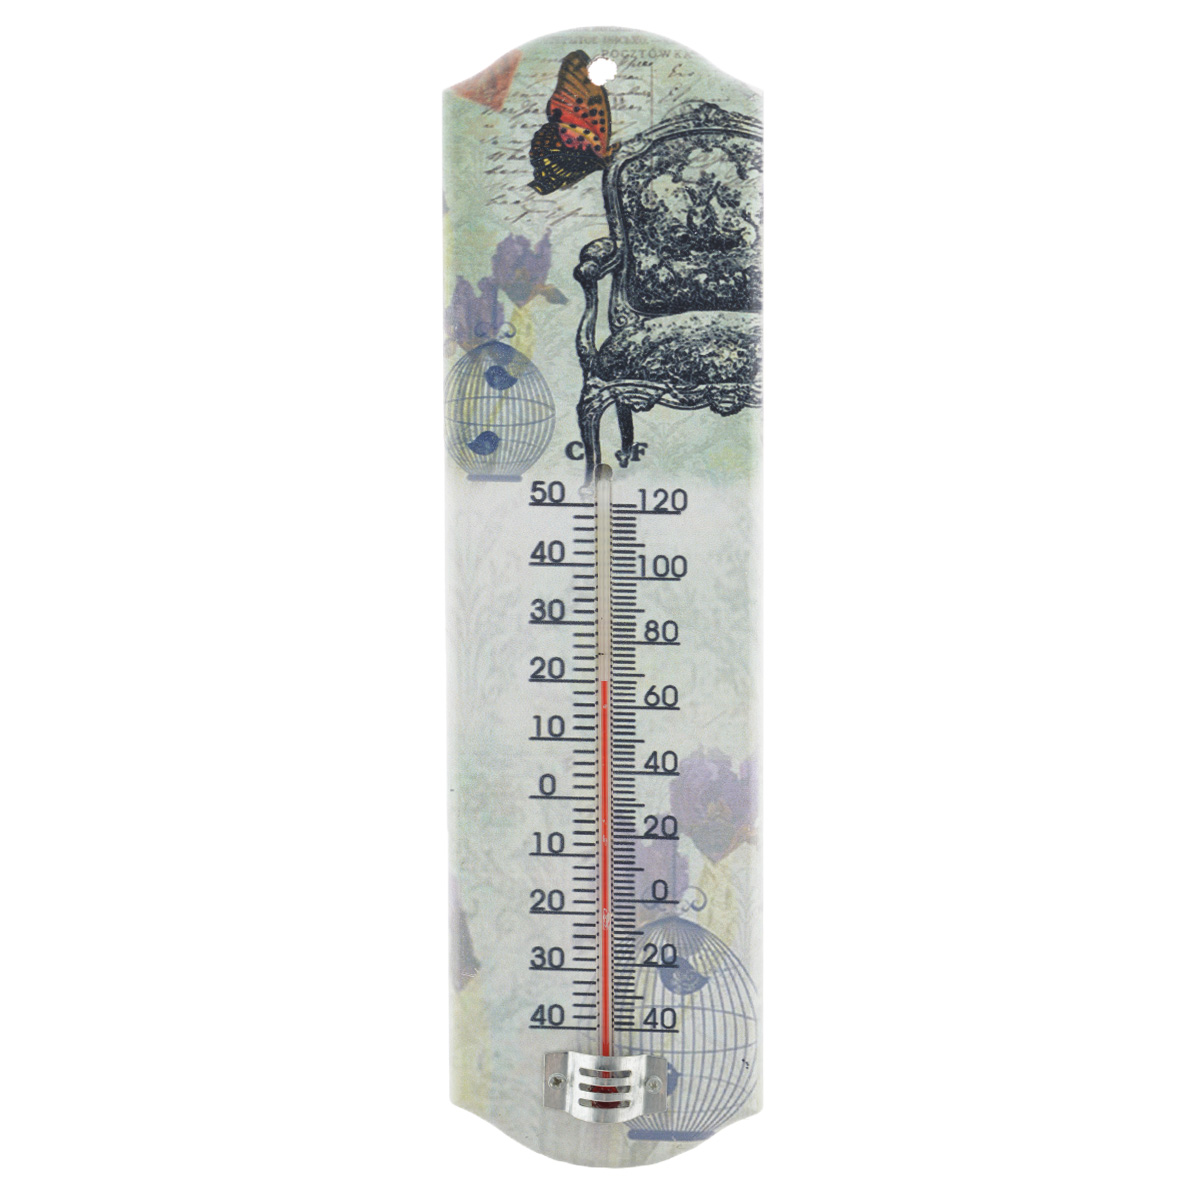 Термометр декоративный Феникс-презент, комнатный. 3373833738Комнатный термометр Феникс-презент, изготовленный из МДФ и стекла, декорирован изображением винтажного кресла и бабочки. Термометр имеет шкалу измерения температуры по Цельсию (-40°С - +50°С) и по Фаренгейту (-40°F - +120°F).Благодаря такому термометру вы всегда будете точно знать, насколько тепло в помещении. Изделие оснащено специальным отверстием для подвешивания.Оригинальный дизайн не оставит равнодушным никого. Термометр удачно впишется в обстановку жилого помещения, гаража или беседки. Кроме того, это актуальный подарок для человека с хорошим вкусом.Высота градусника: 14,5 см.